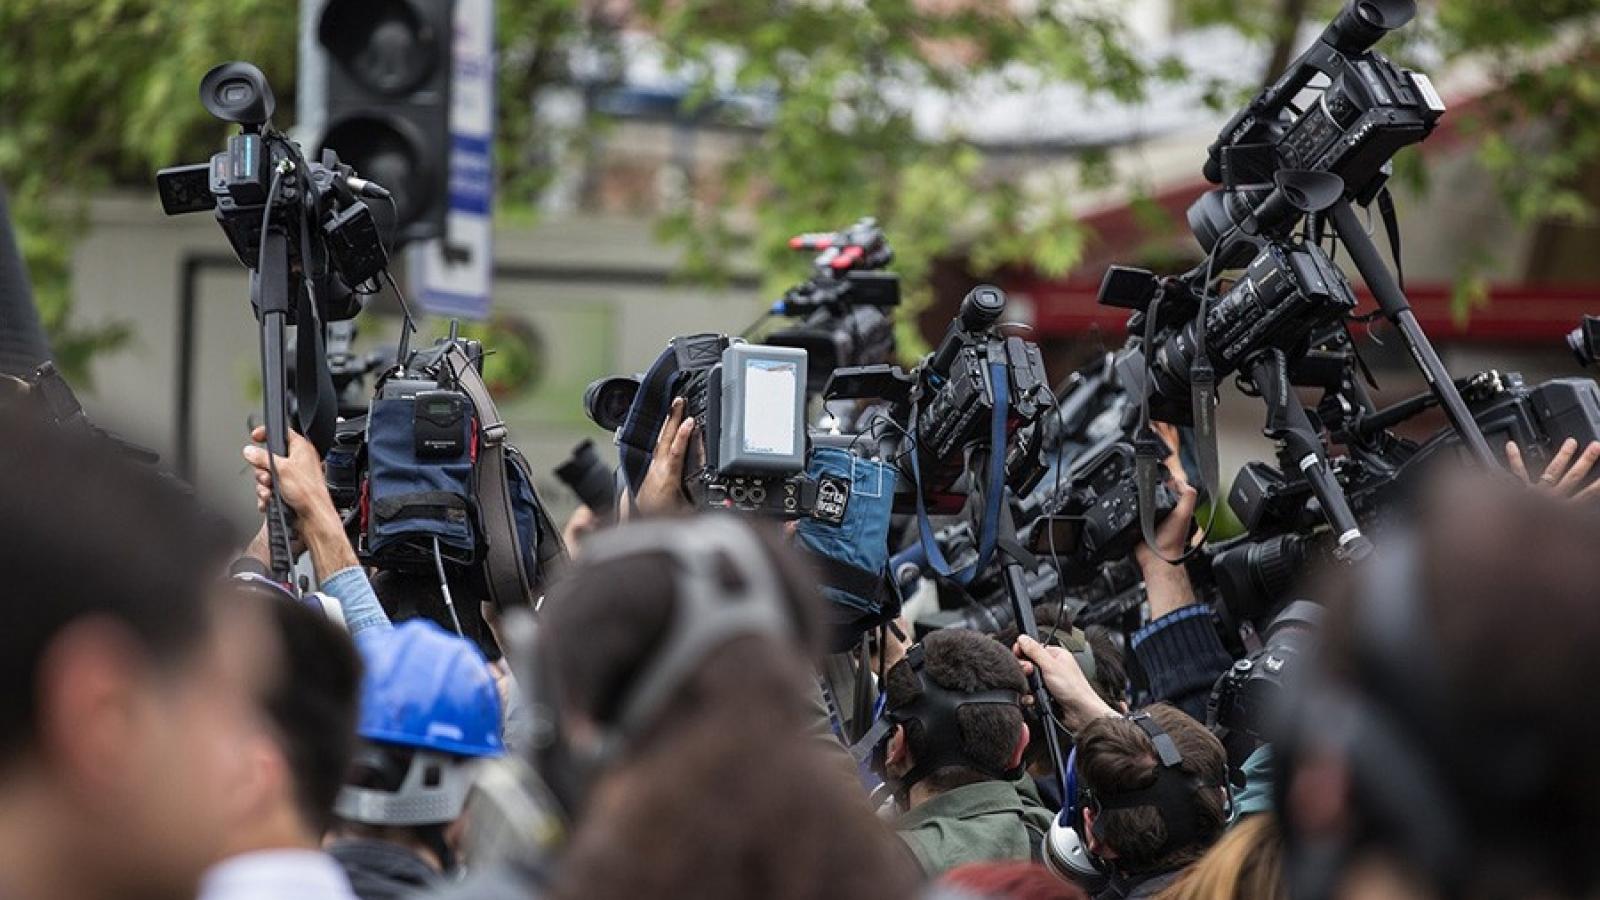 Albania: Liên minh các nhà báo kêu gọi Chính phủ tiêm vaccine Covid-19 cho phóng viên